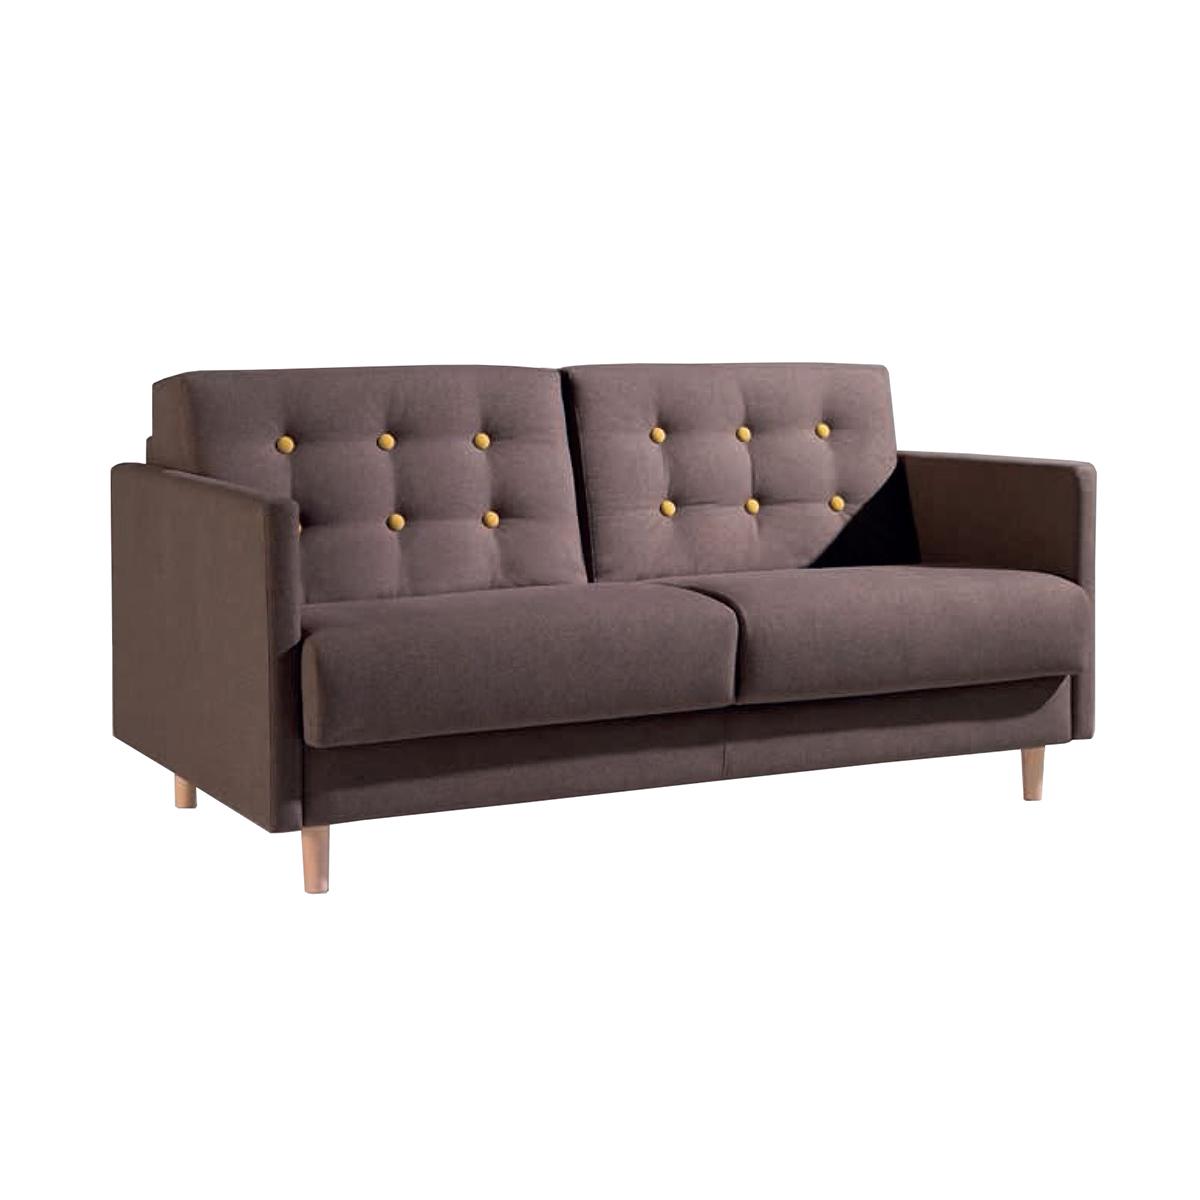 Sof cama dise o mobiliario profesional contract for Sofa cama diseno moderno